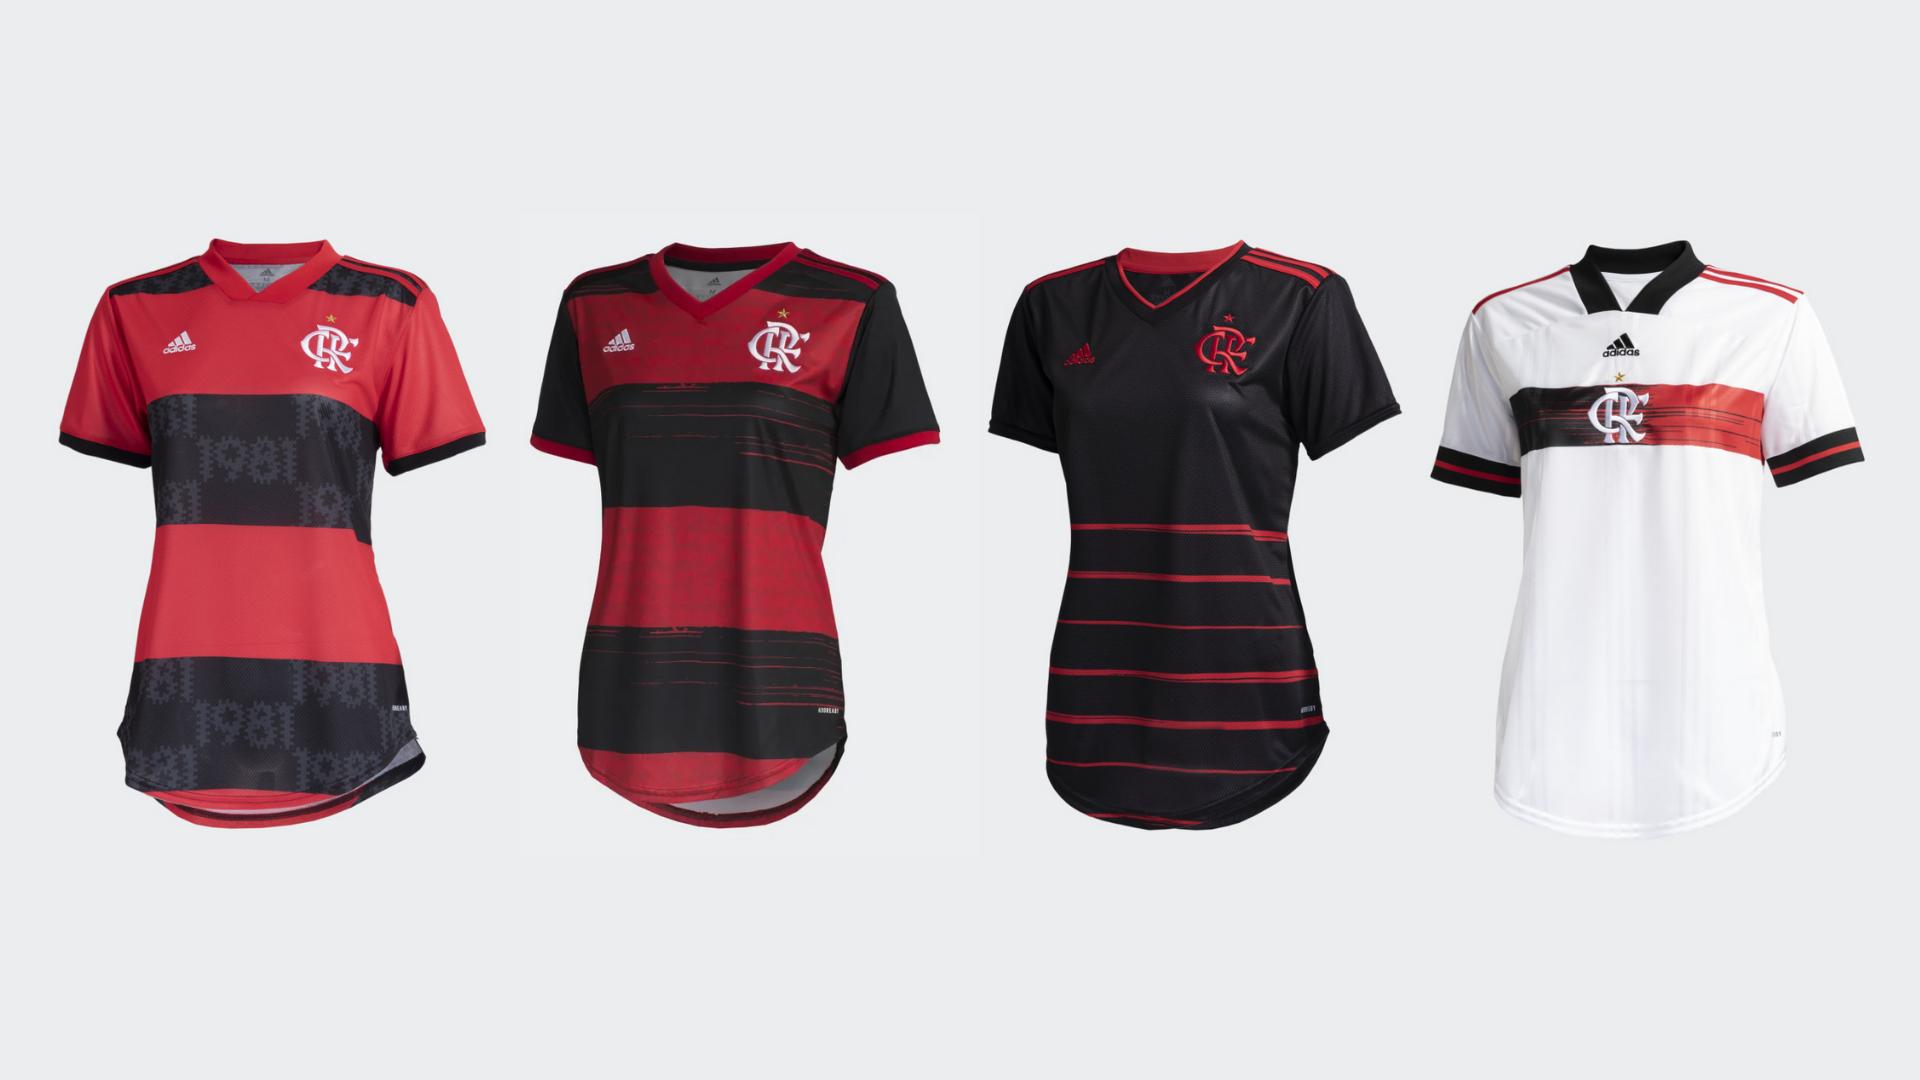 Camisa do Flamengo Feminina 2021 e 2020 Adidas (Imagem: Divulgação/Adidas)